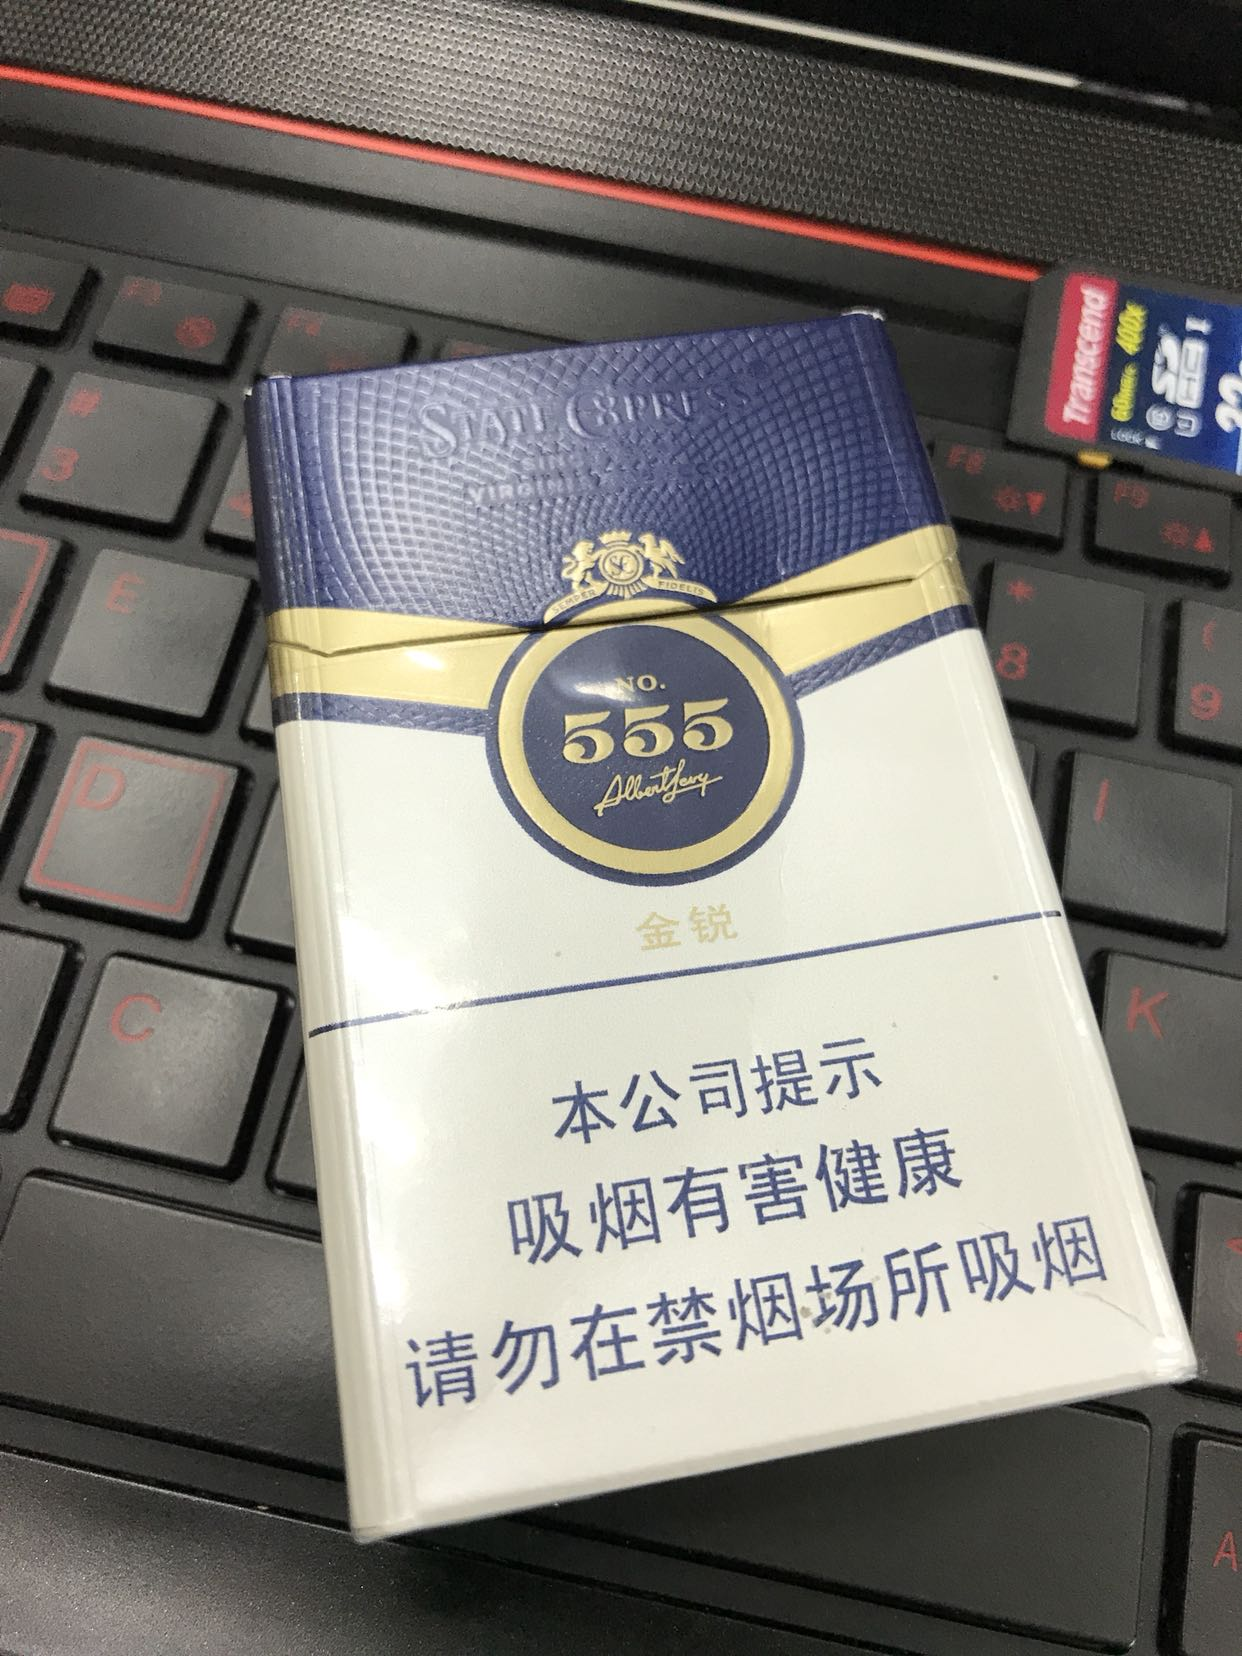 在贵阳哪里可以买到外国卷烟:我想问贵阳市是否有外国卷烟,必须是**,请告诉我详细的地址,谢谢!